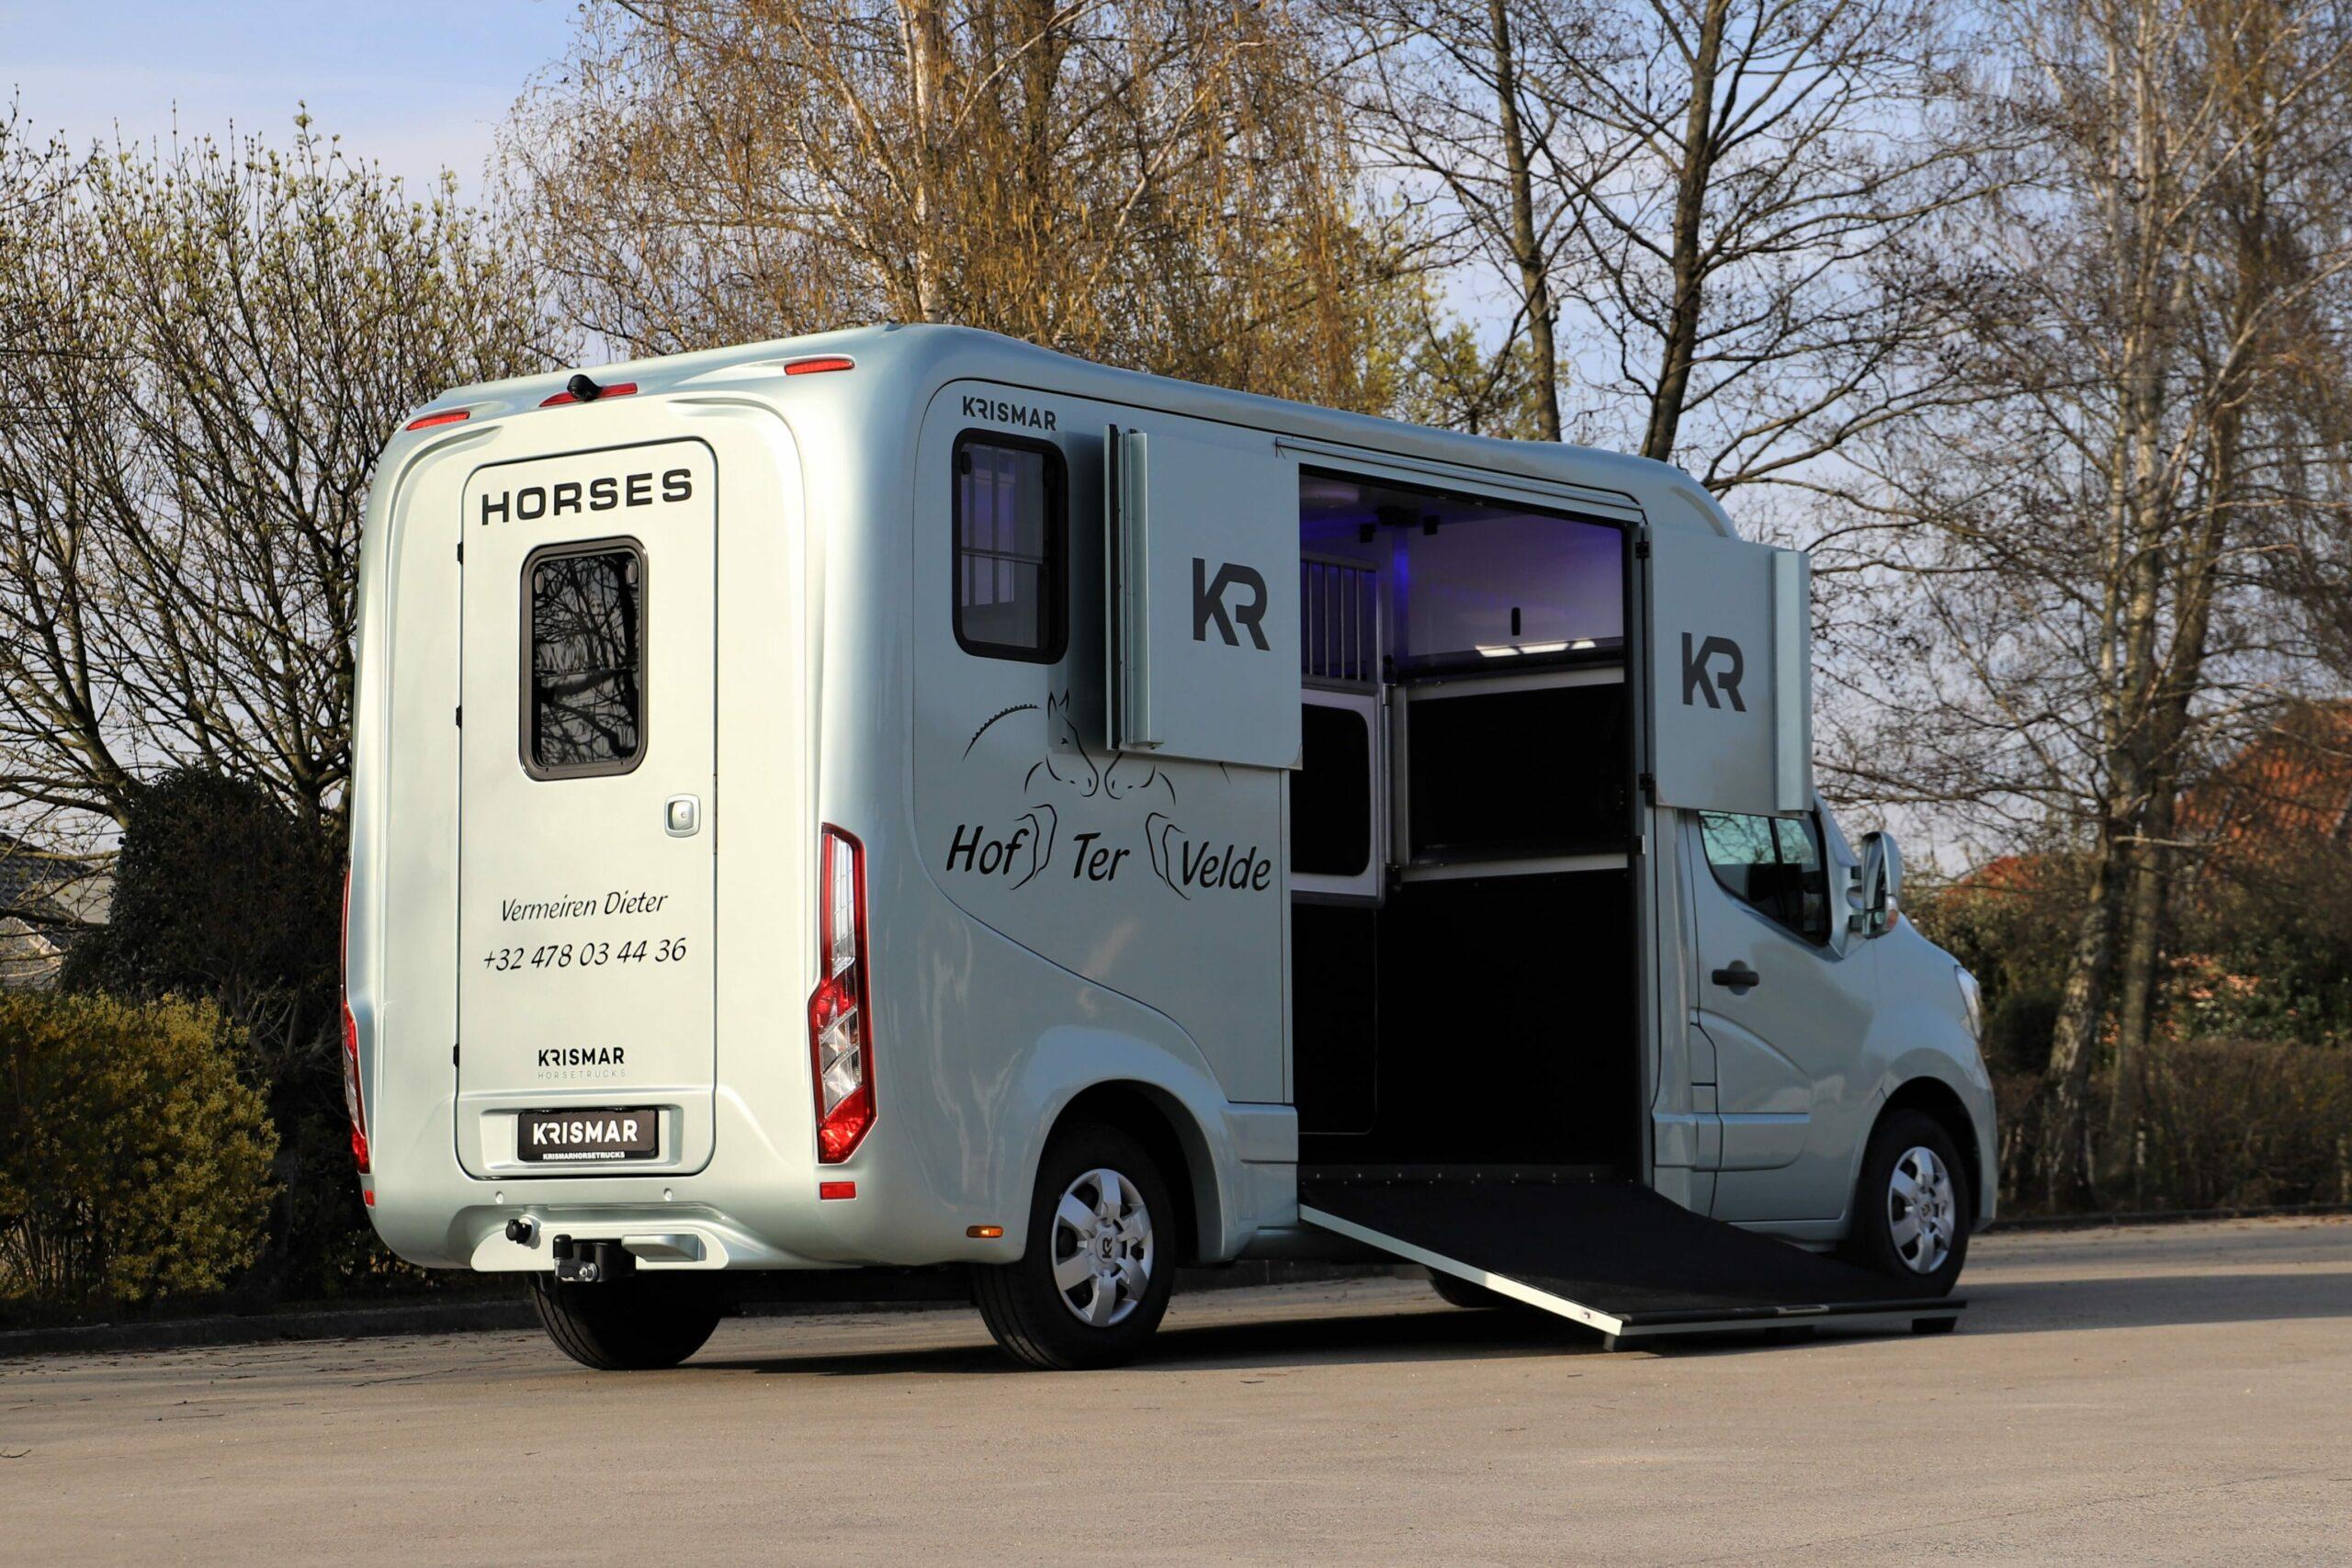 Krismar 2 paard horsetruck grijze kleur